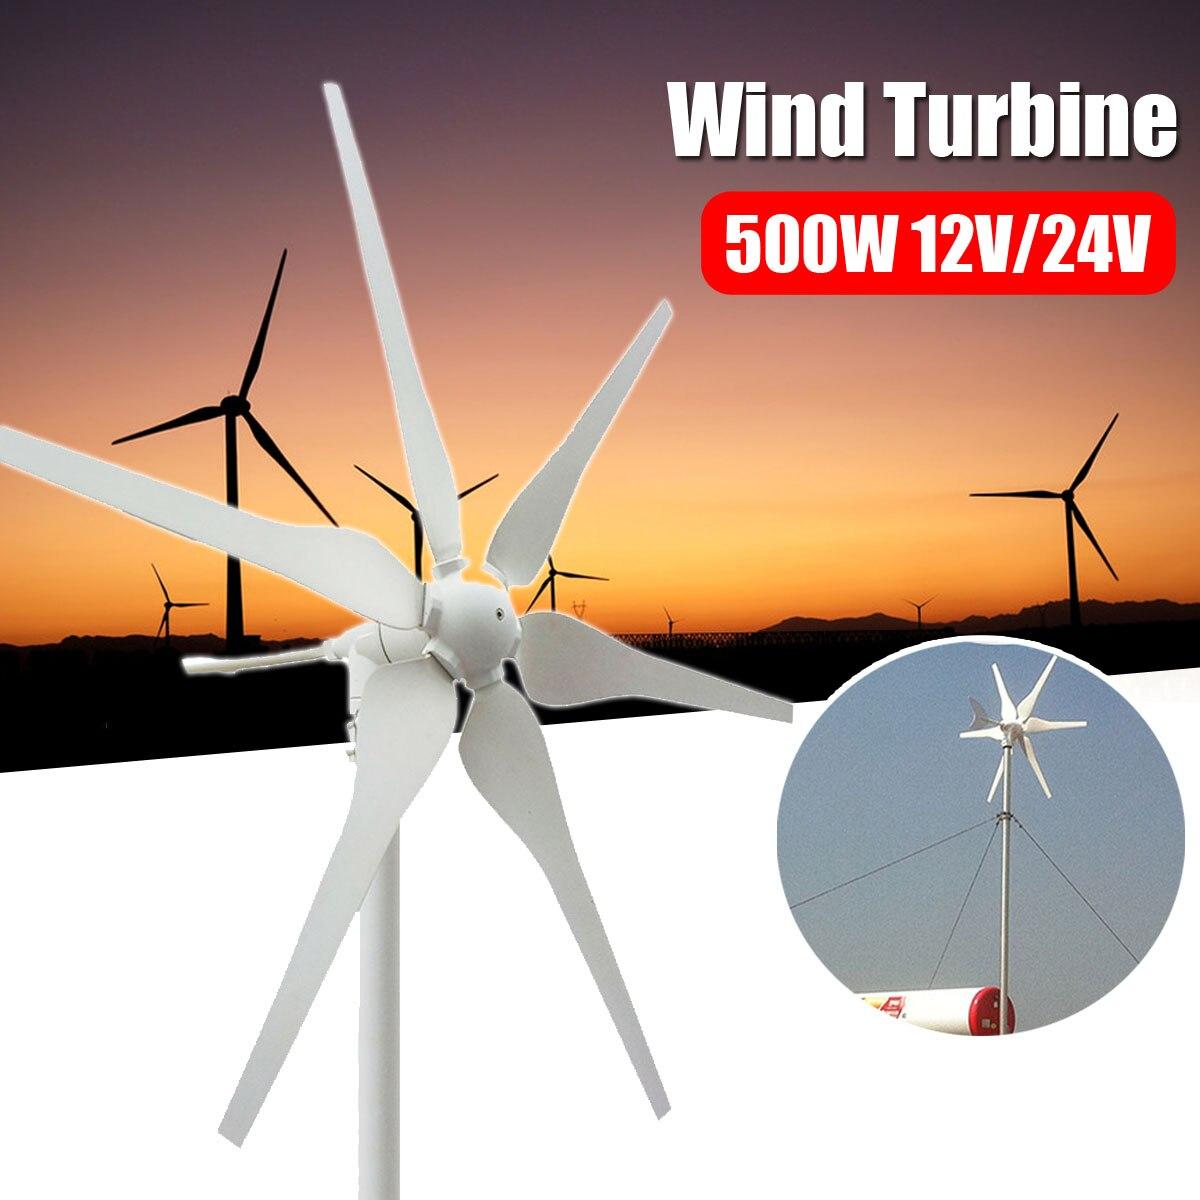 500 w 12 v/24 v Environnementale 6 Lames Mini Éoliennes Générateur D'énergie Miniature Vent Turbines Maison D'habitation avec Contrôleur